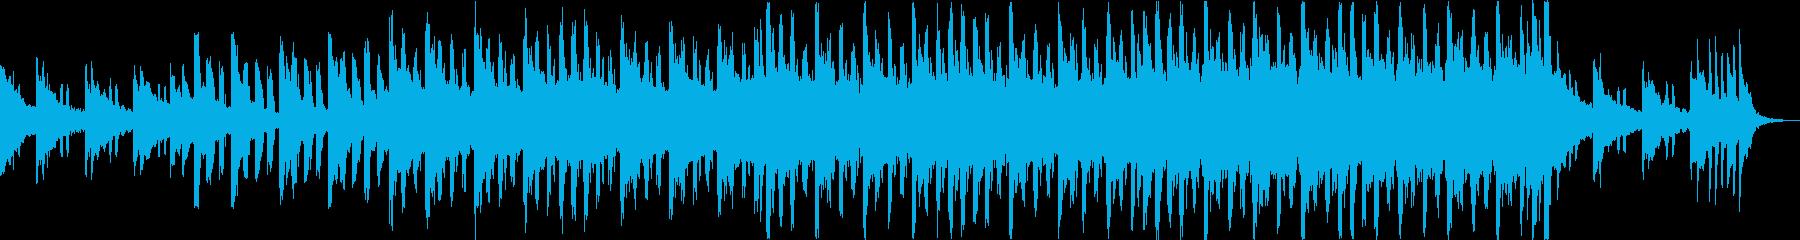 軽快で爽やかなオープニングコーポレートbの再生済みの波形